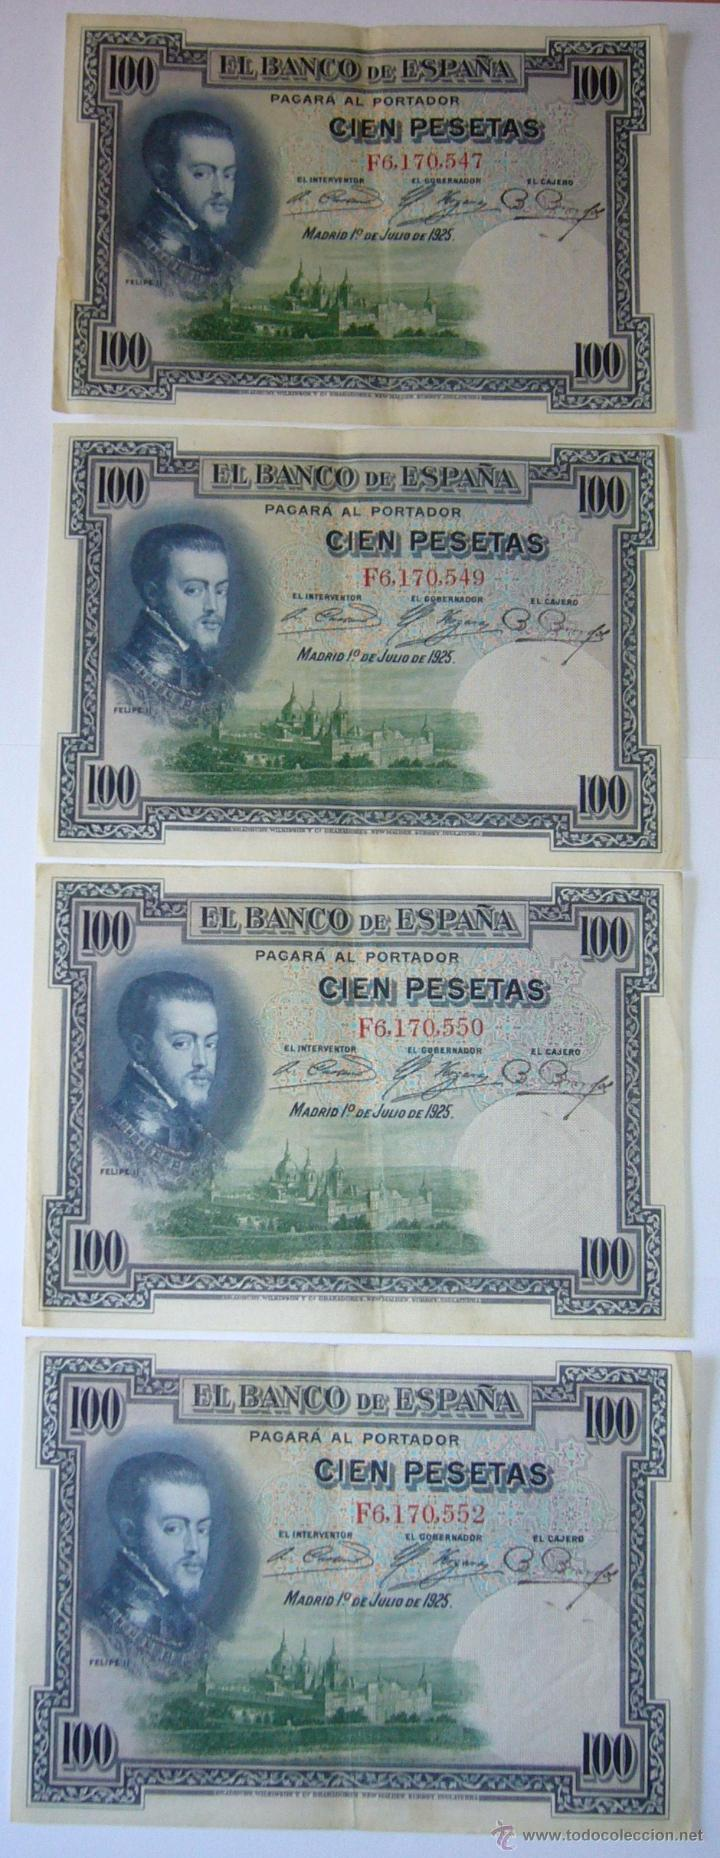 4 BILLETES 100 PESETAS 1925 CON ERROR FIRMA CAJERO, MISMO PLIEGO, 2 CORRELATIVOS. ERROR (Numismática - Notafilia - Variedades y Errores)